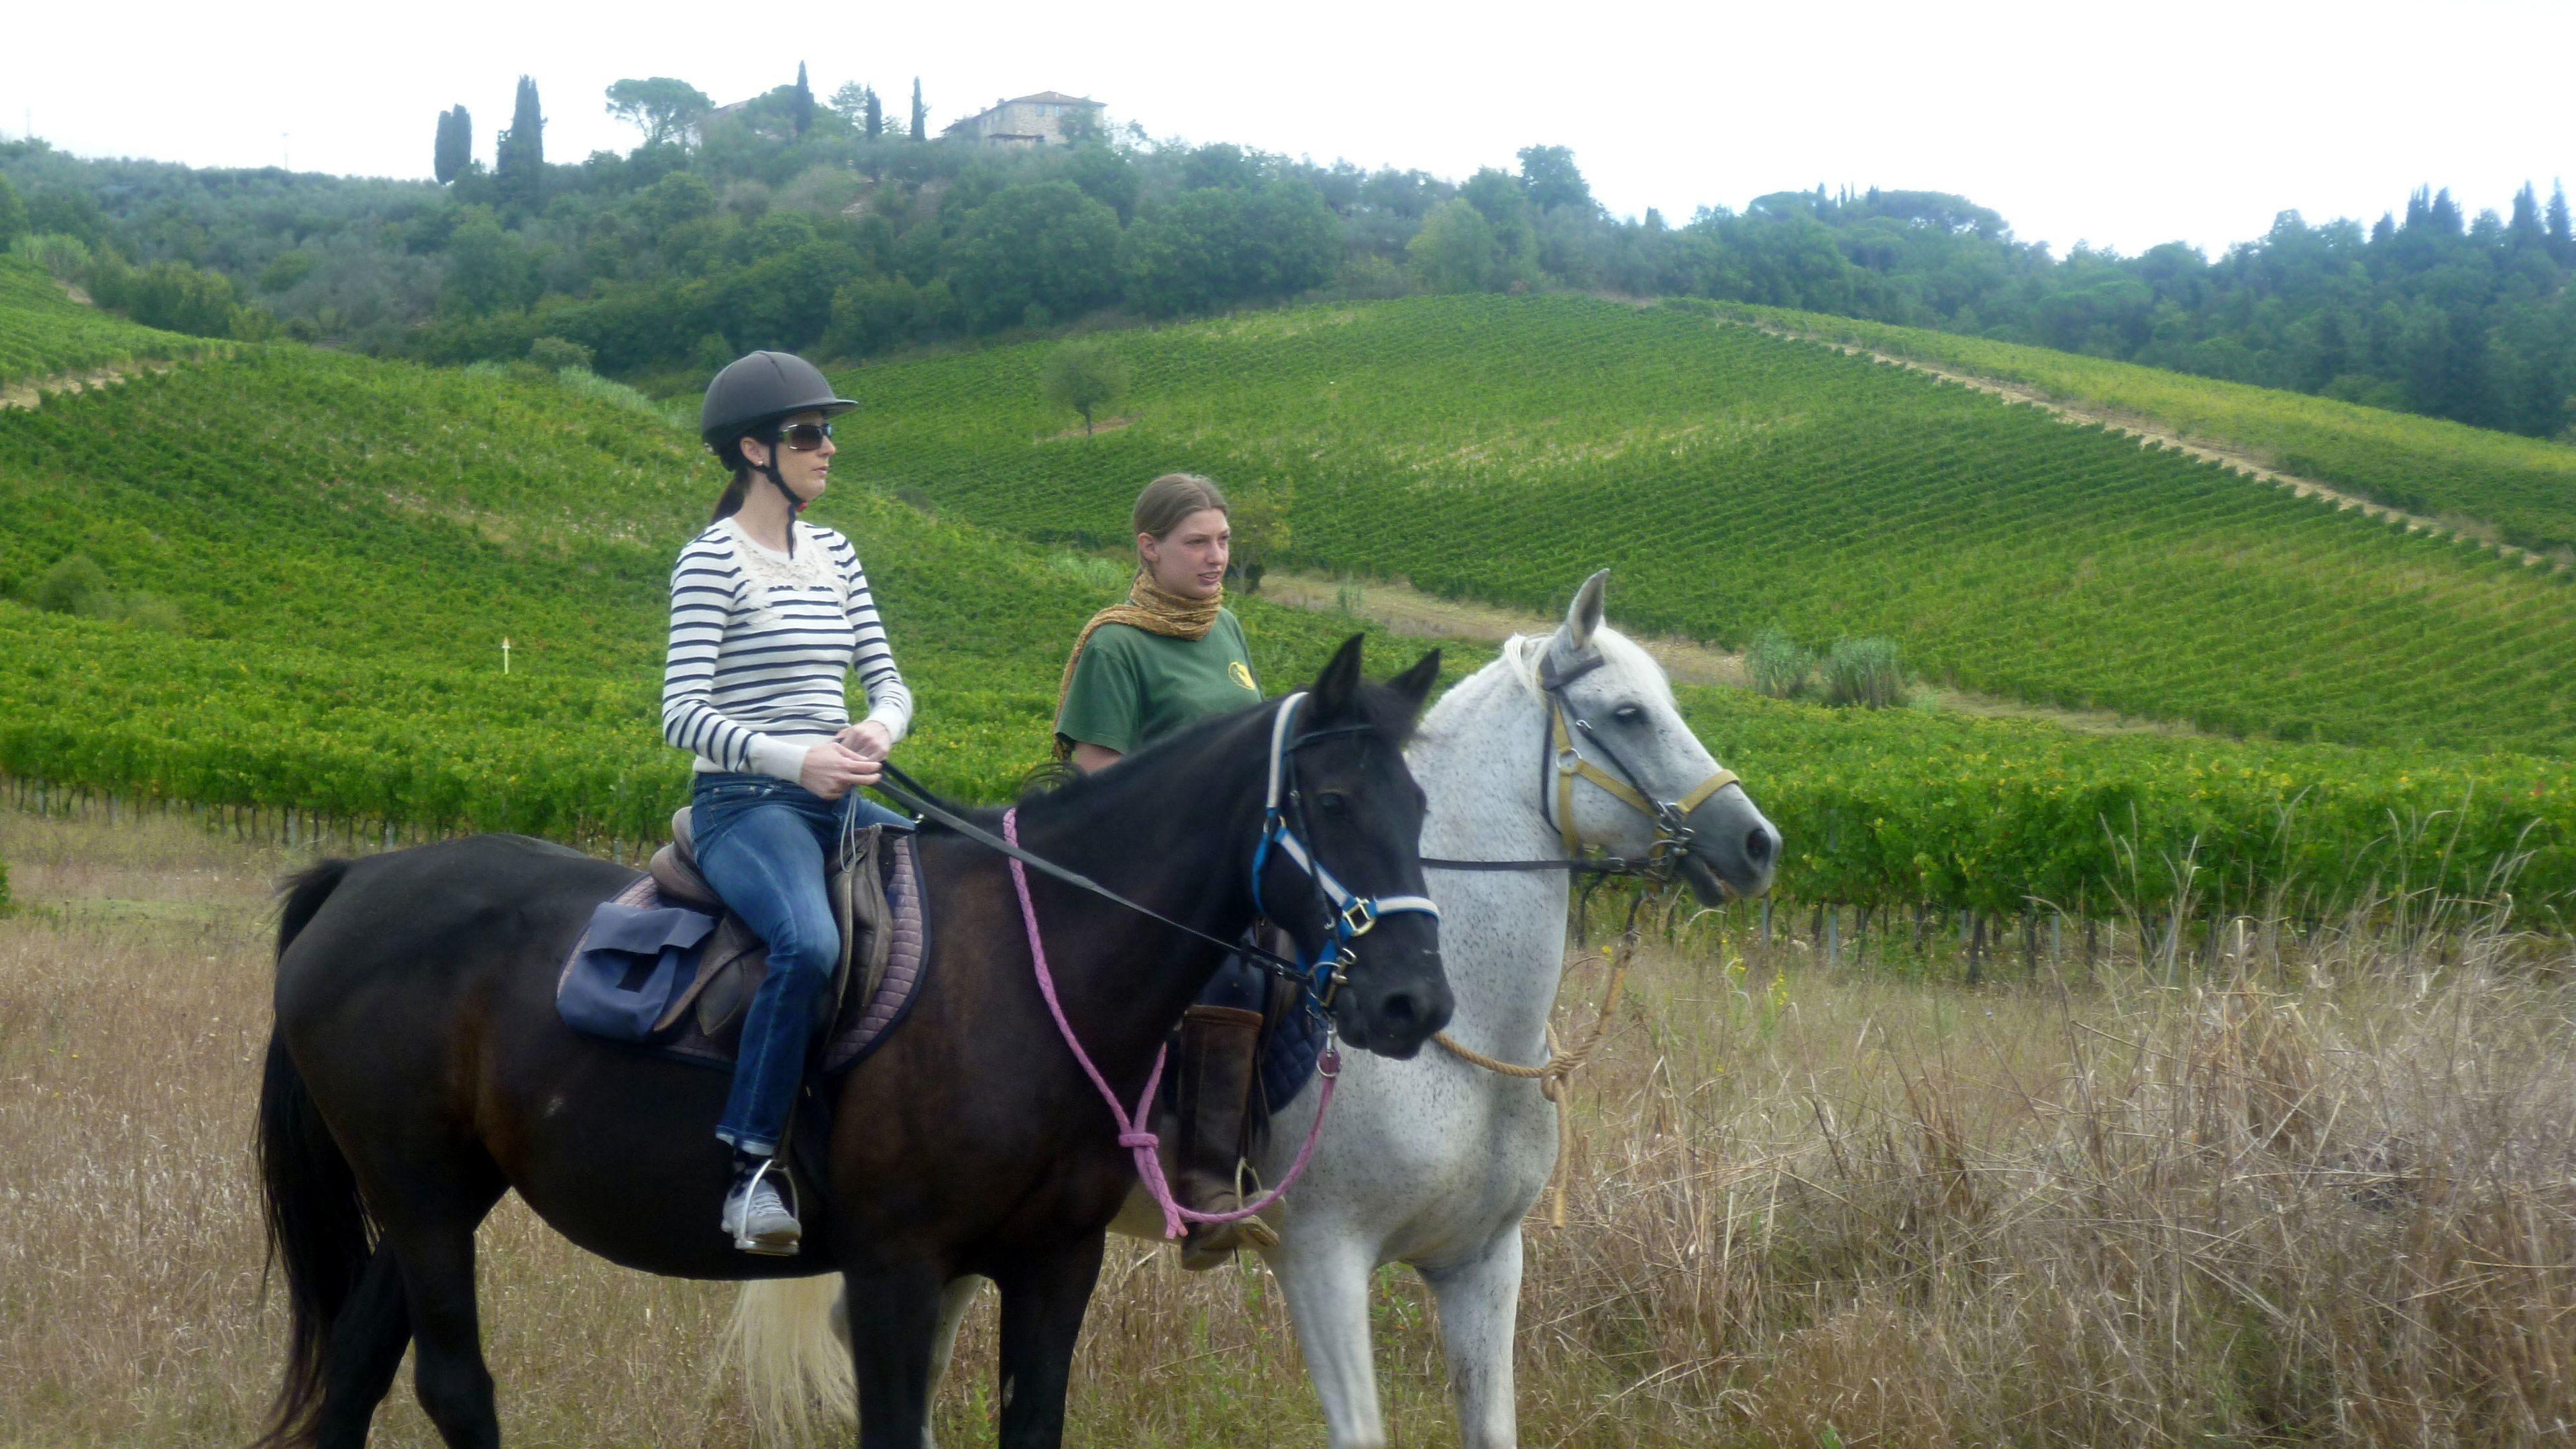 Horses in field in Tuscany in Italy